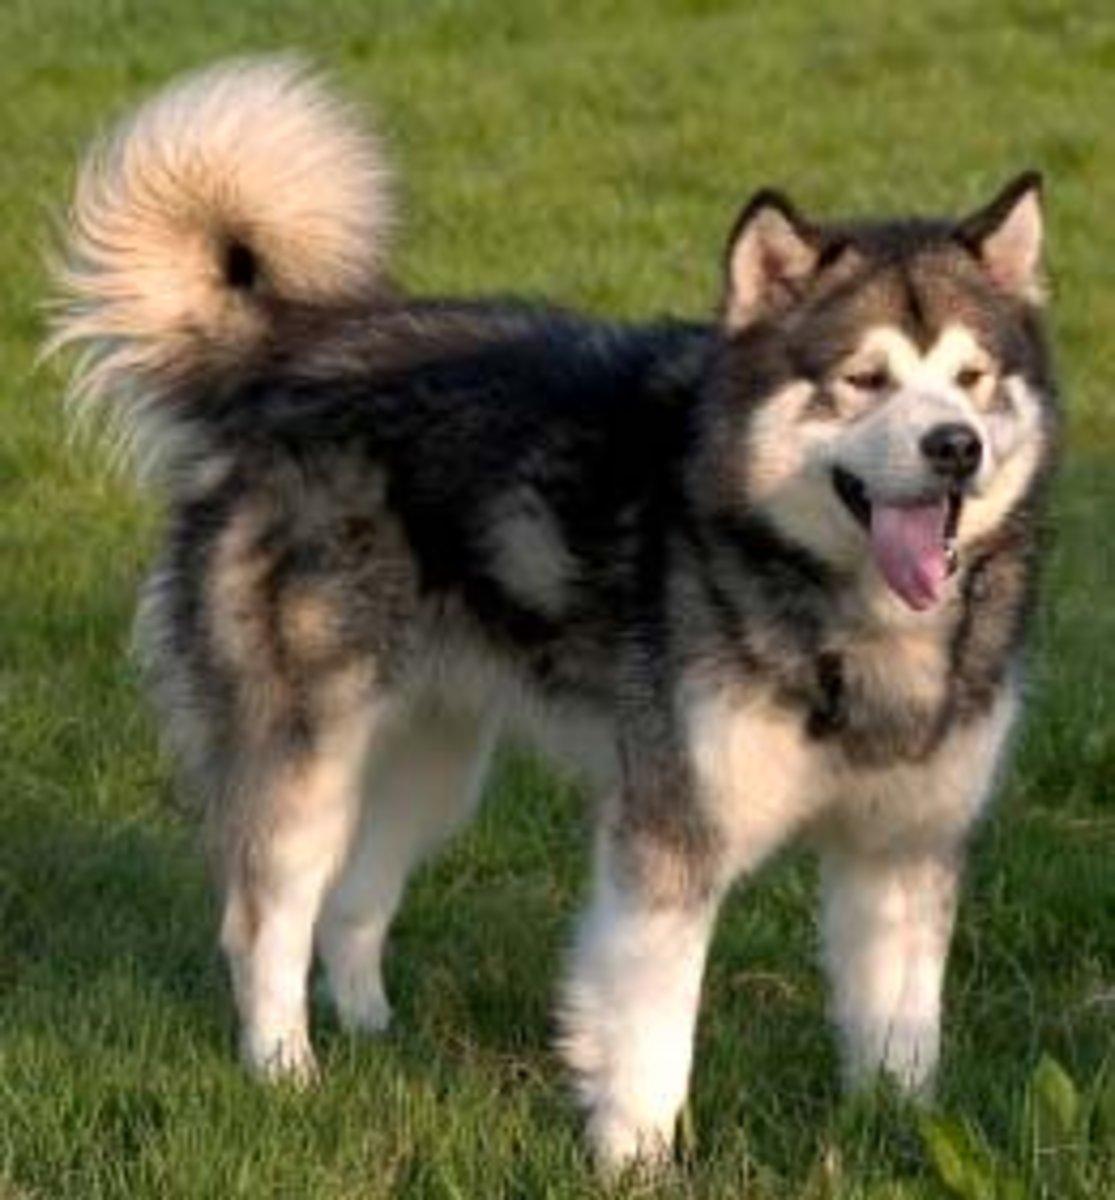 Gansis Perlu Tau Inilah 8 Ras Anjing Paling Agresif Menurut Ane